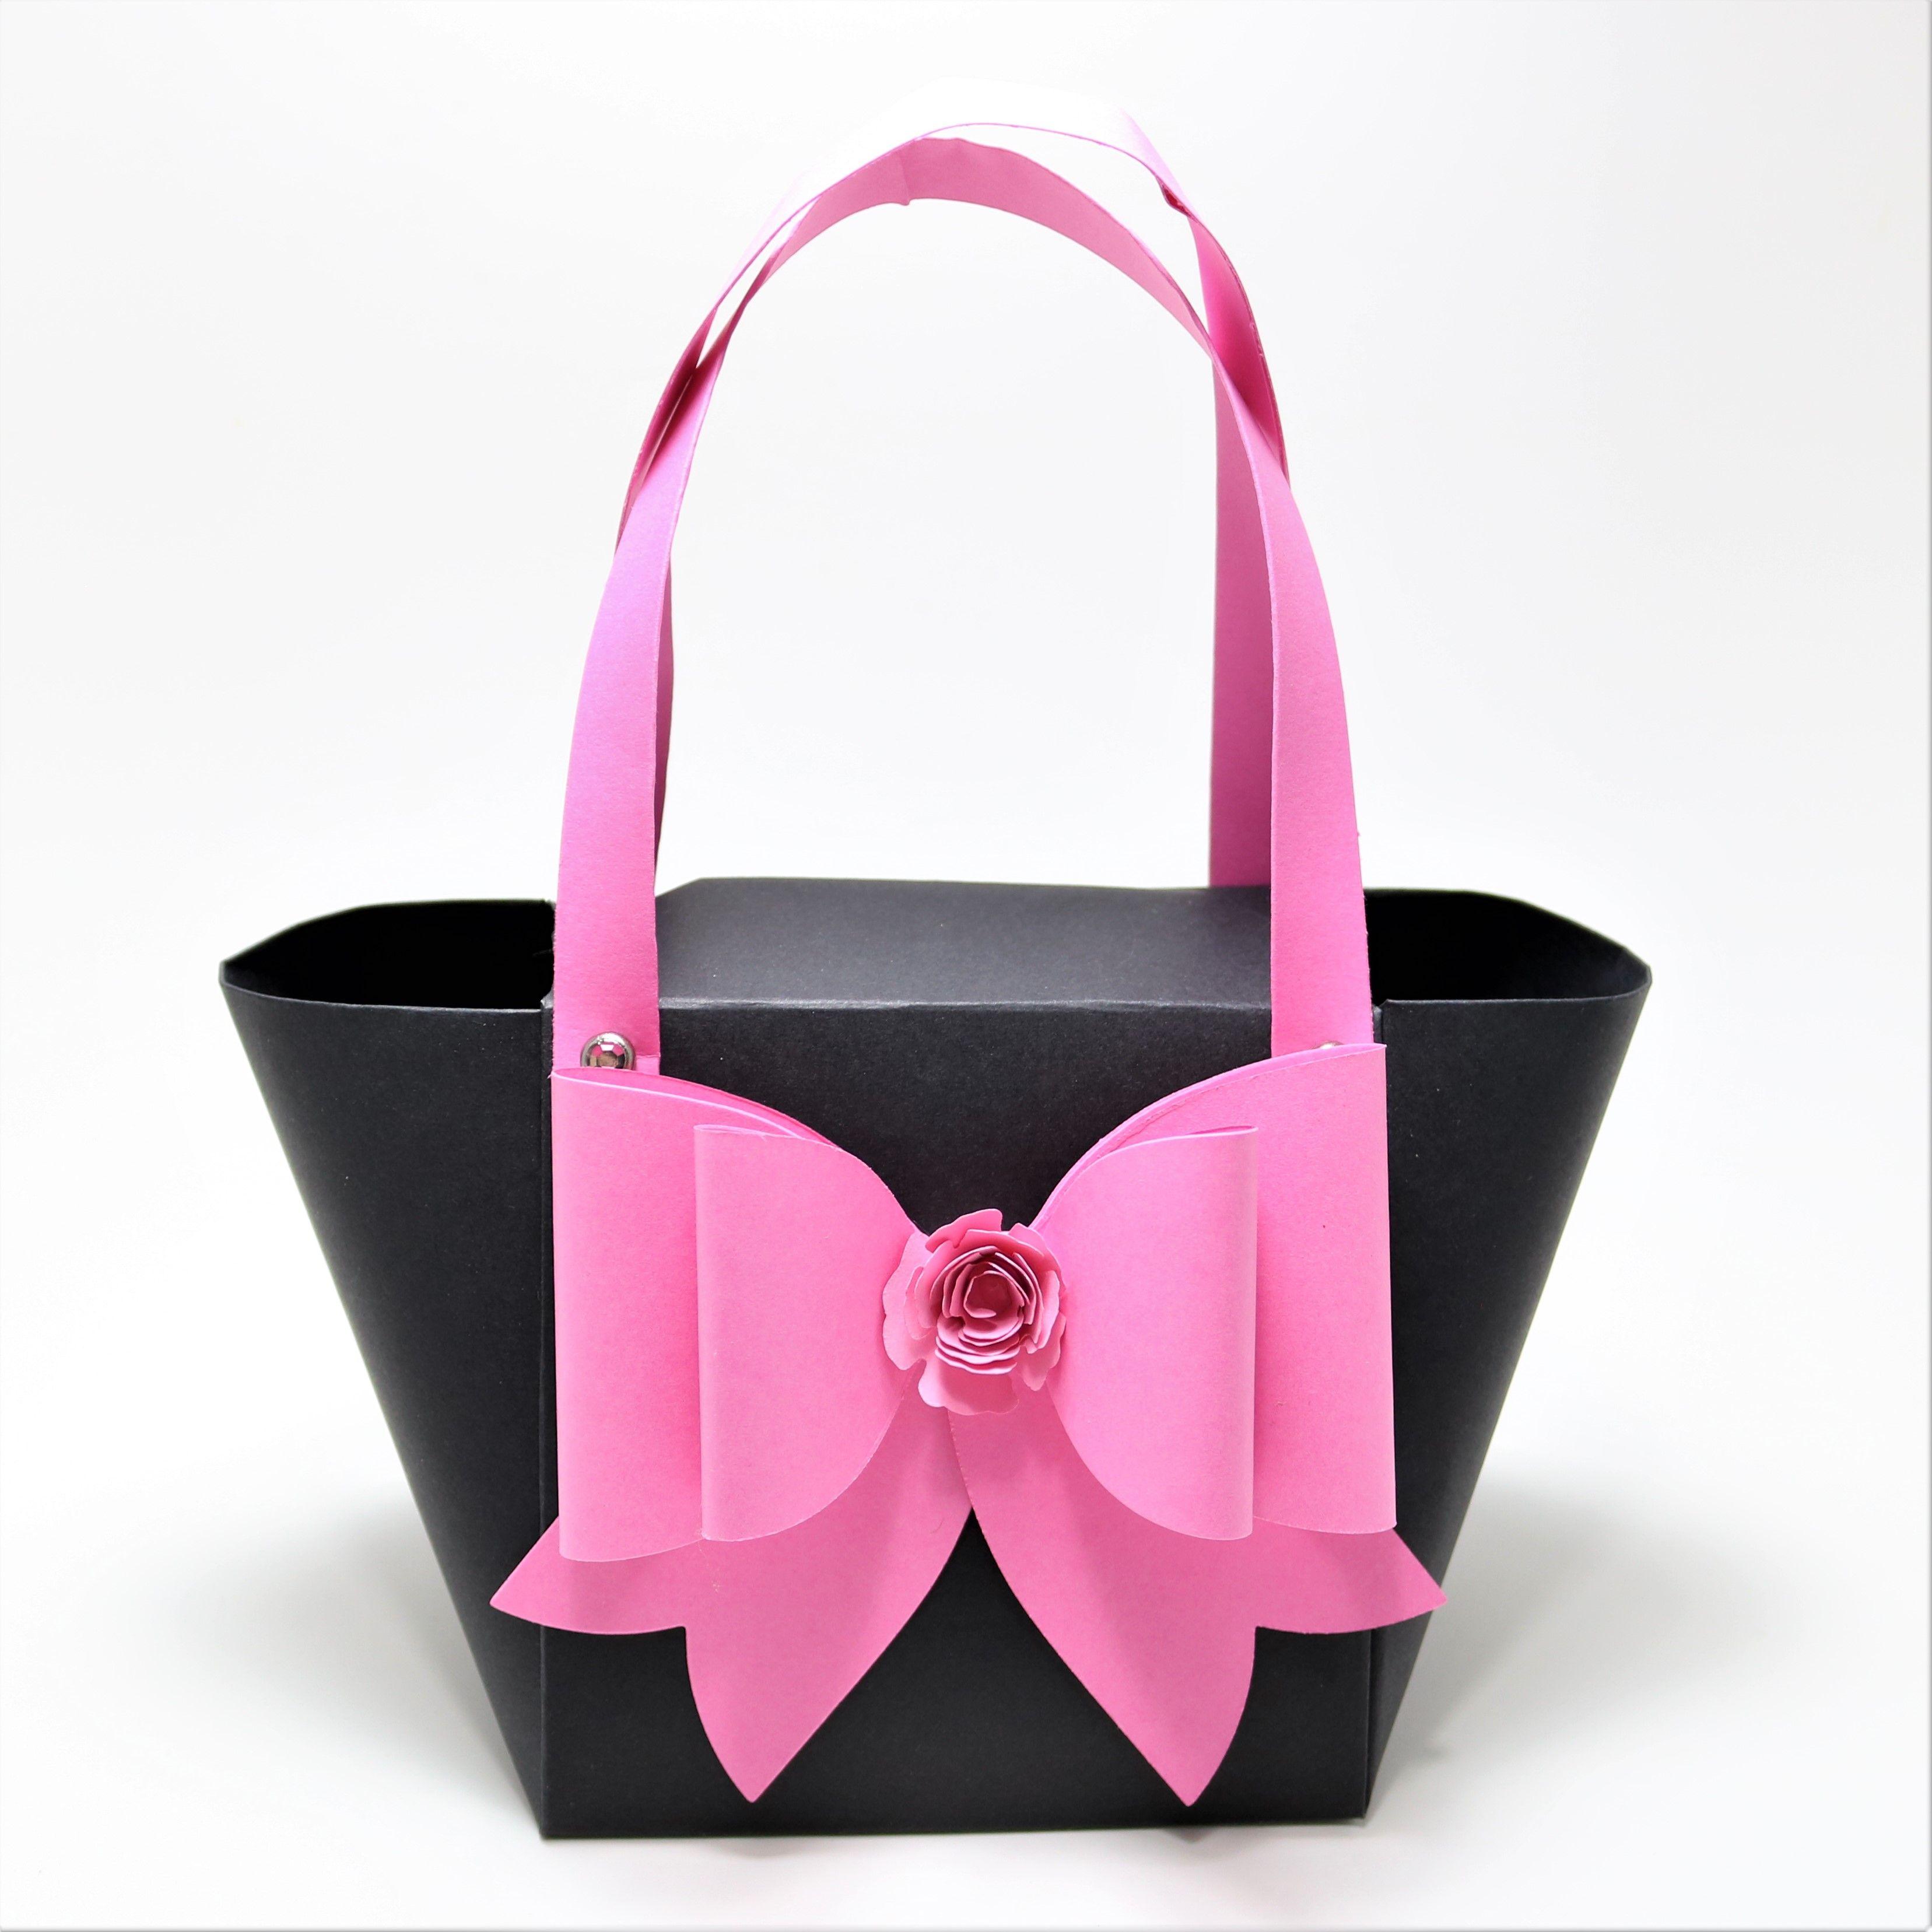 Shoulder Favor BagParty mini Gift Bow Pink NagMini Tote Bag Bag XuOiwTPkZ